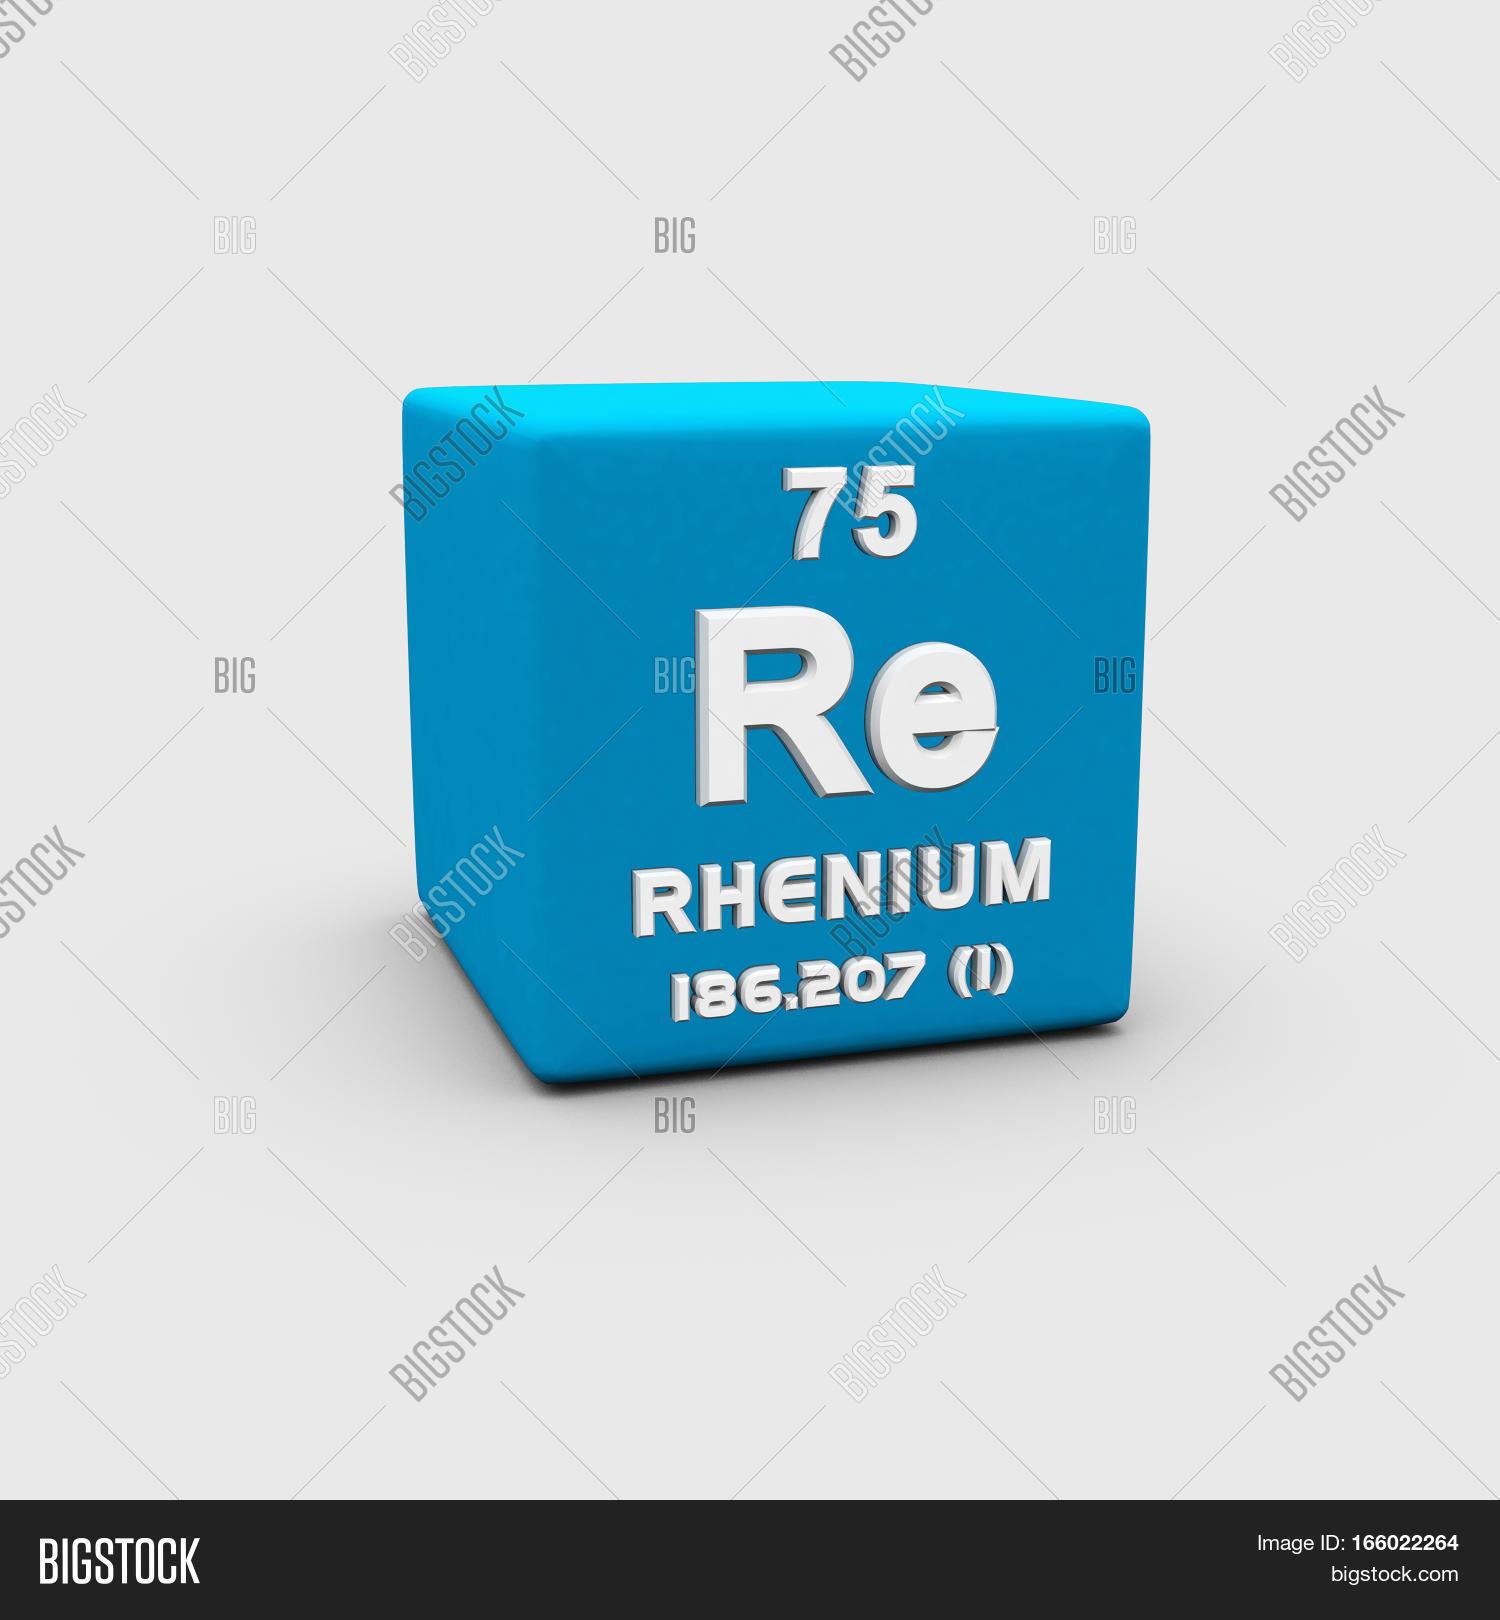 Rhenium Chemical Image Photo Free Trial Bigstock